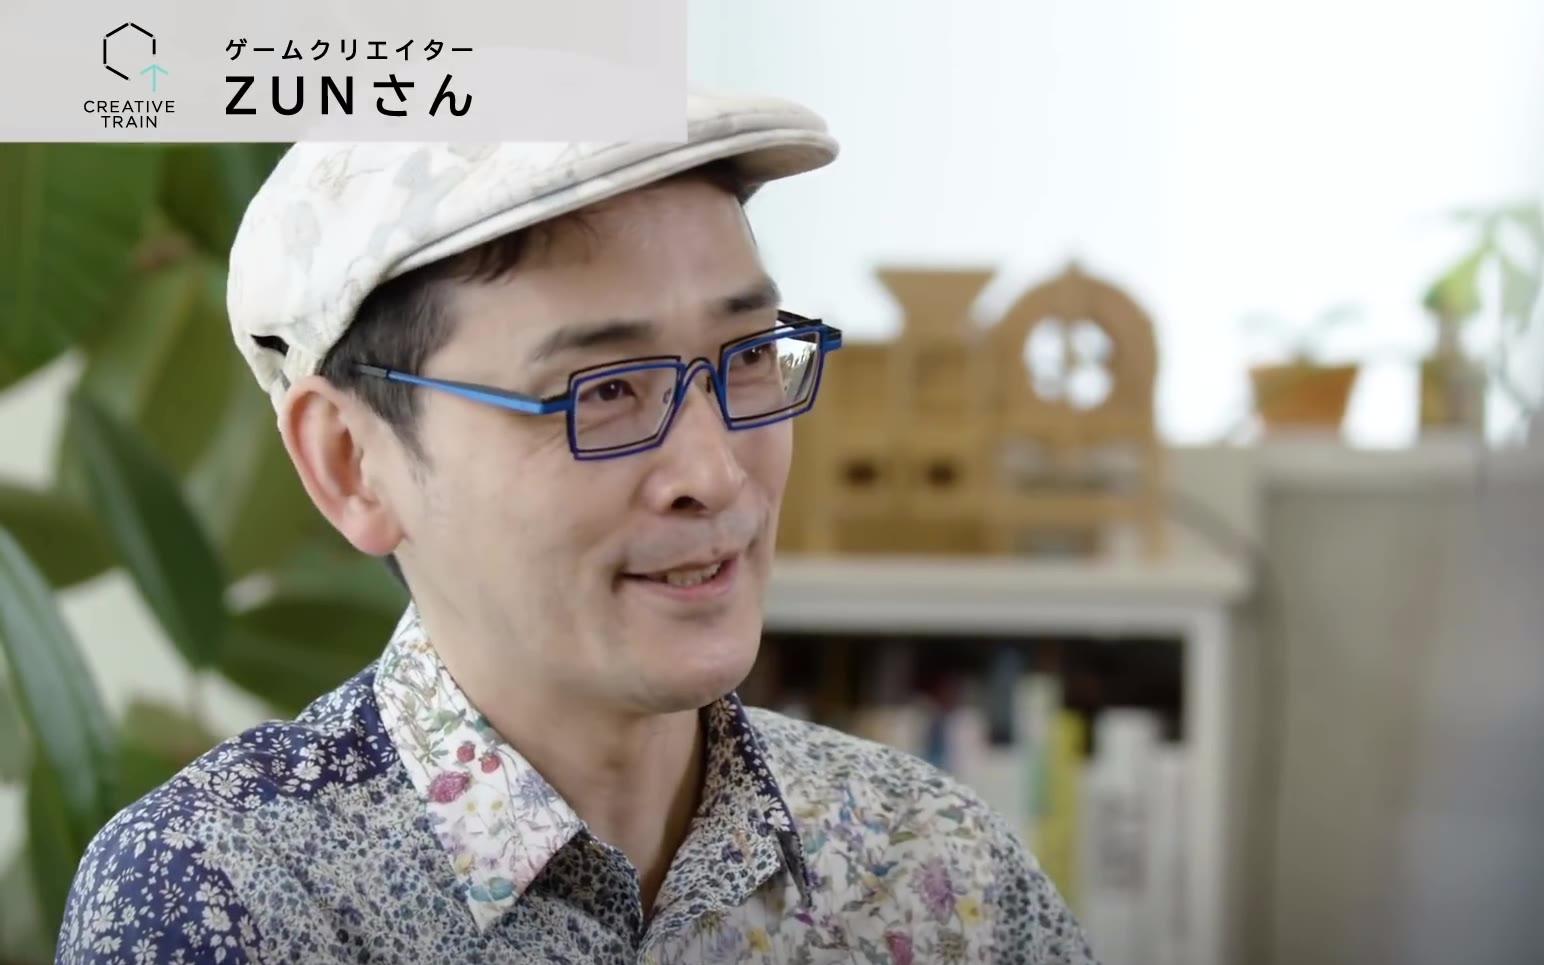 【东方】神主ZUN自宅专访【CREATIVE TRAIN】